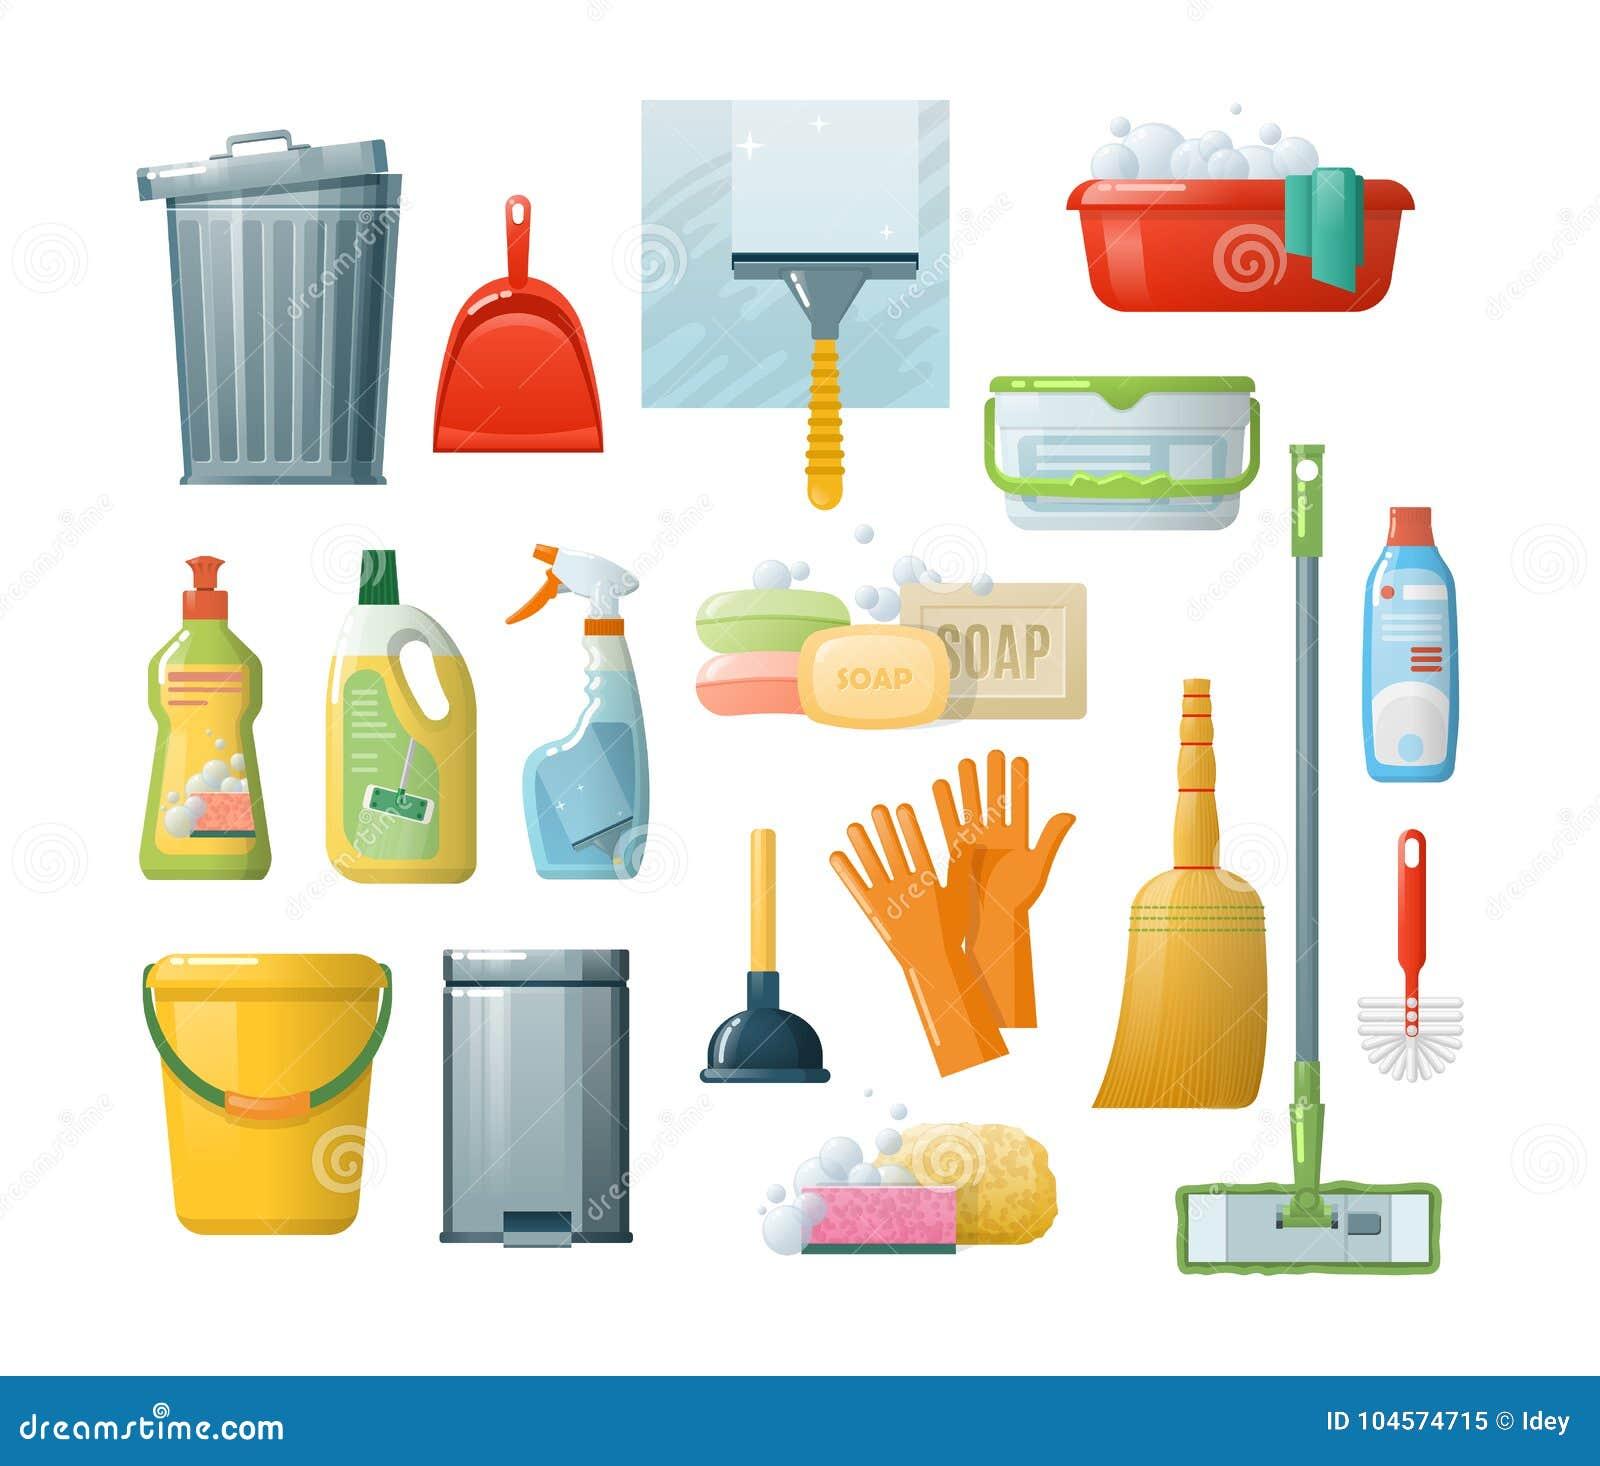 Ajuste acessórios para limpar: cubetas, ferramentas, escovas, bacias, luvas, esponjas